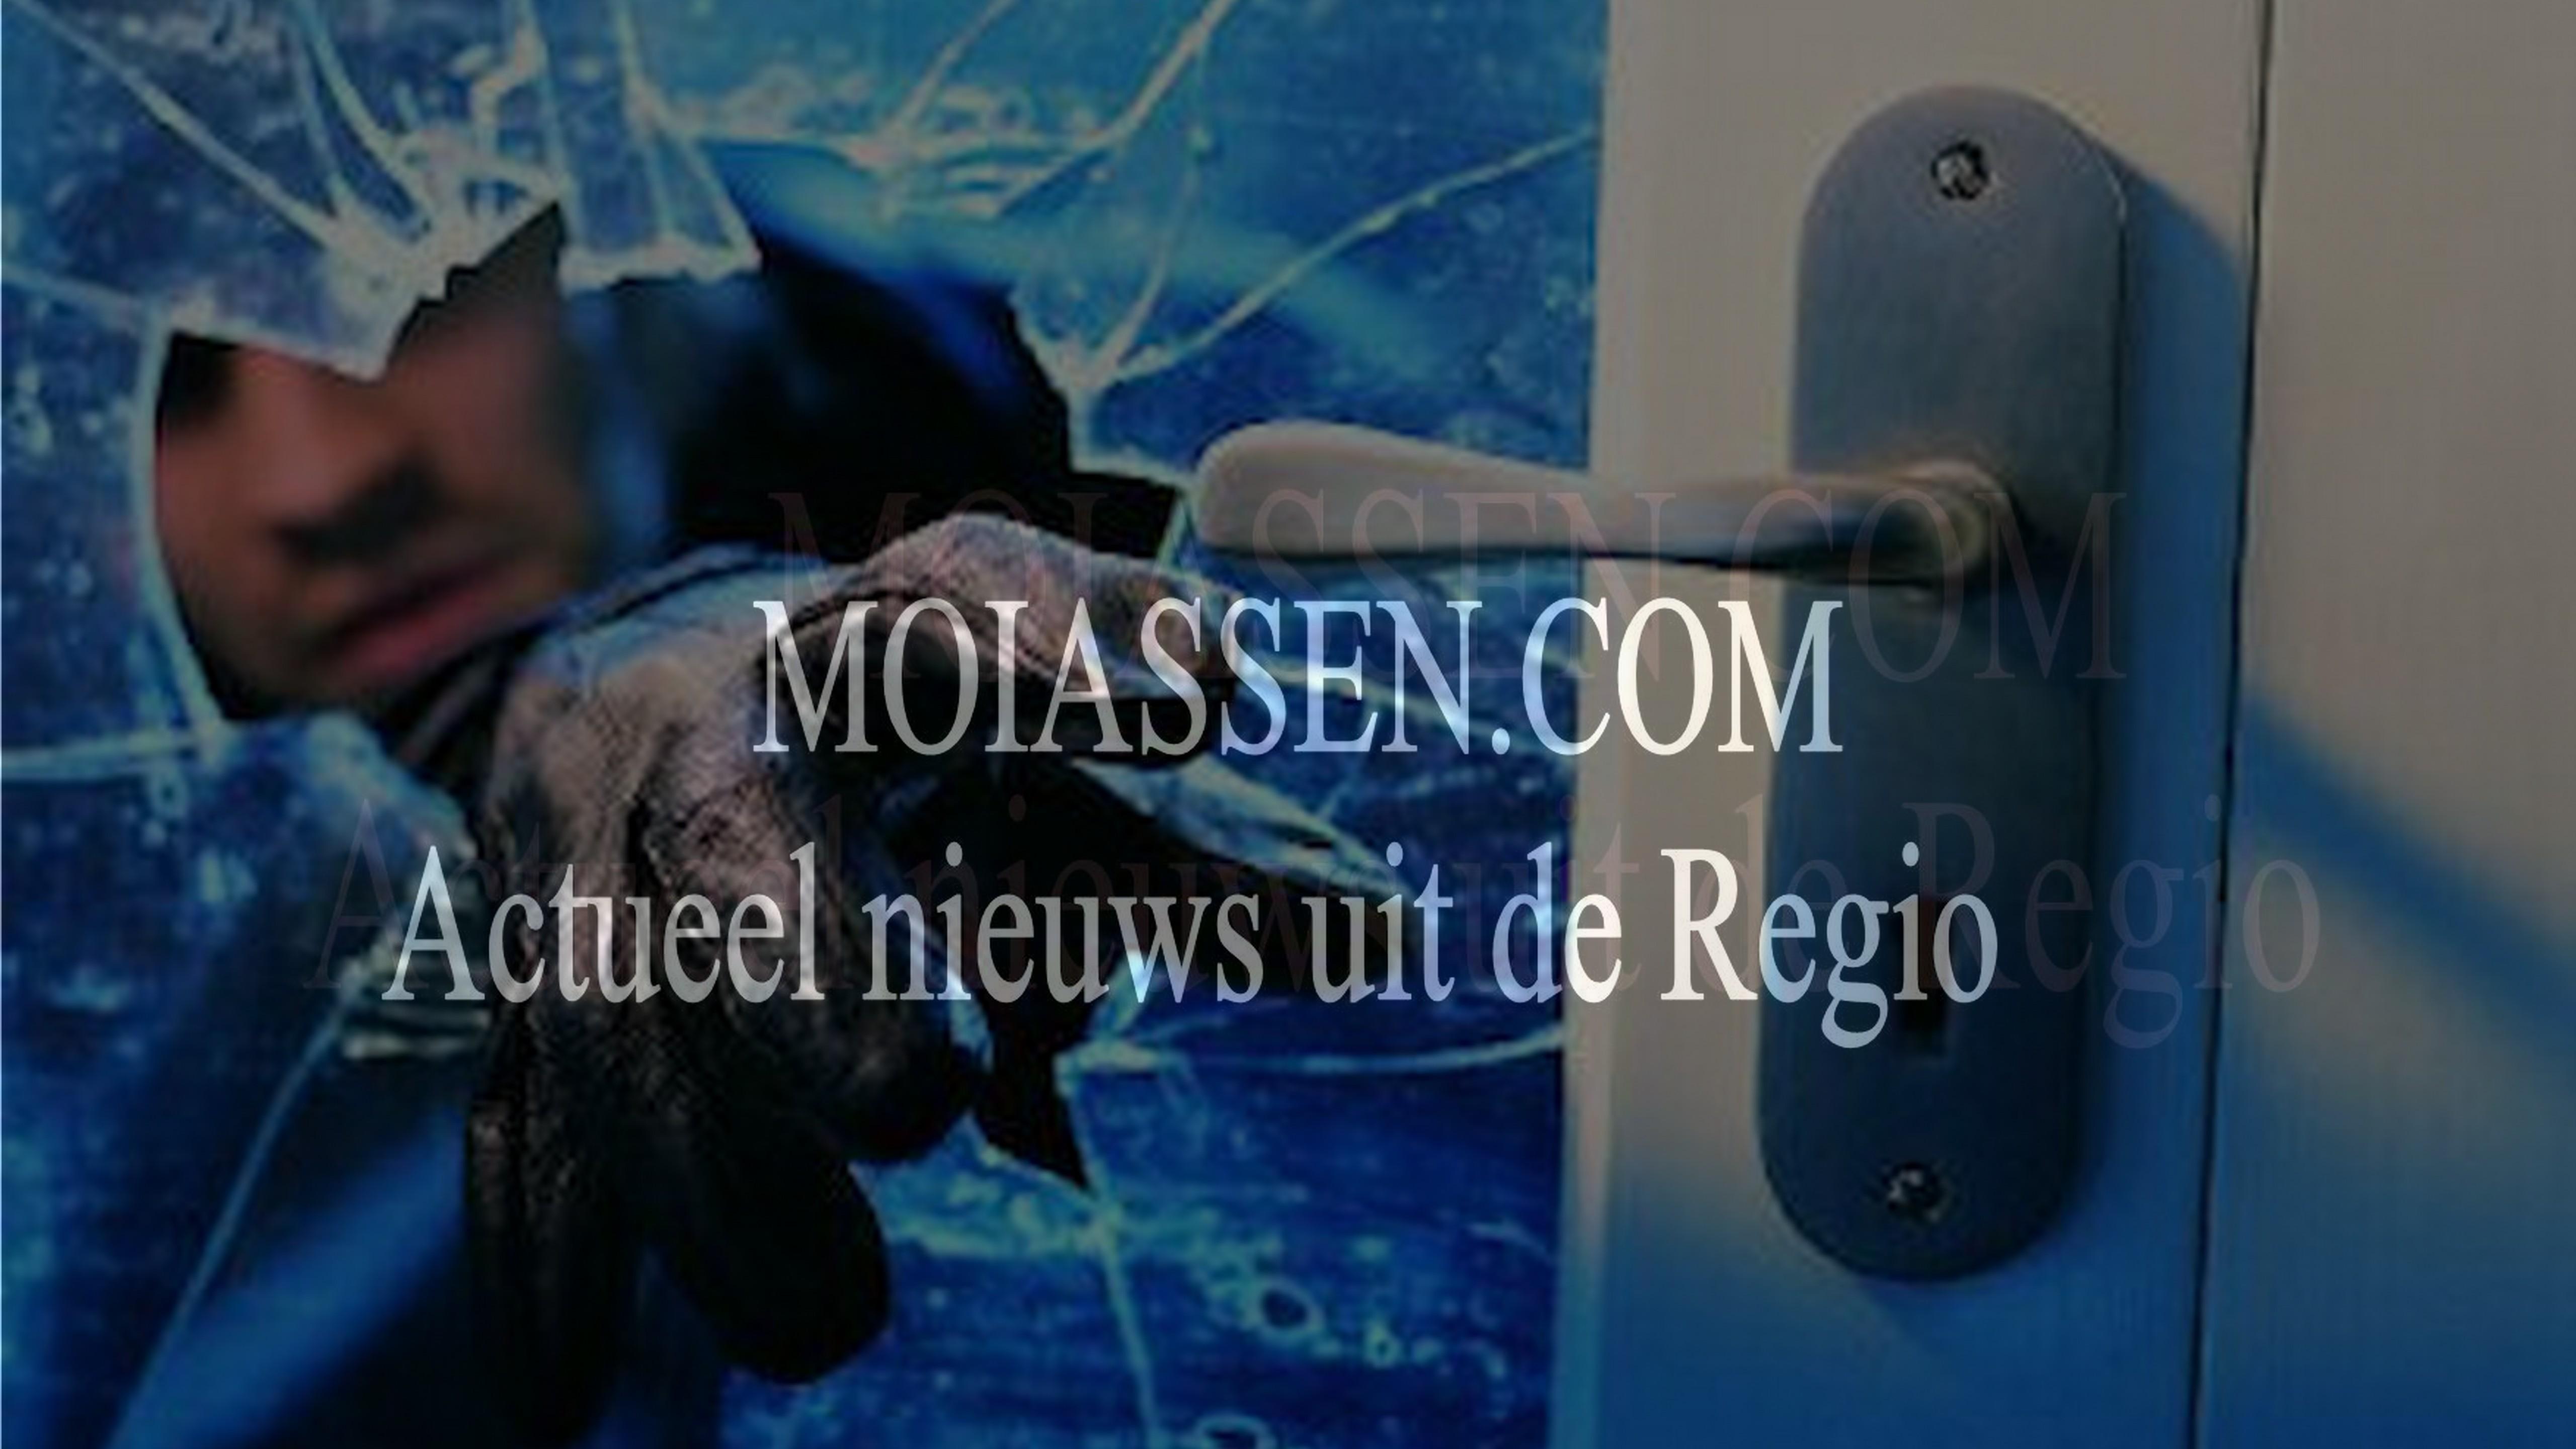 Inbrekers slaan zaterdagavond twee keer toe in de wijk Assen-Oost , Marsdijk  Assen